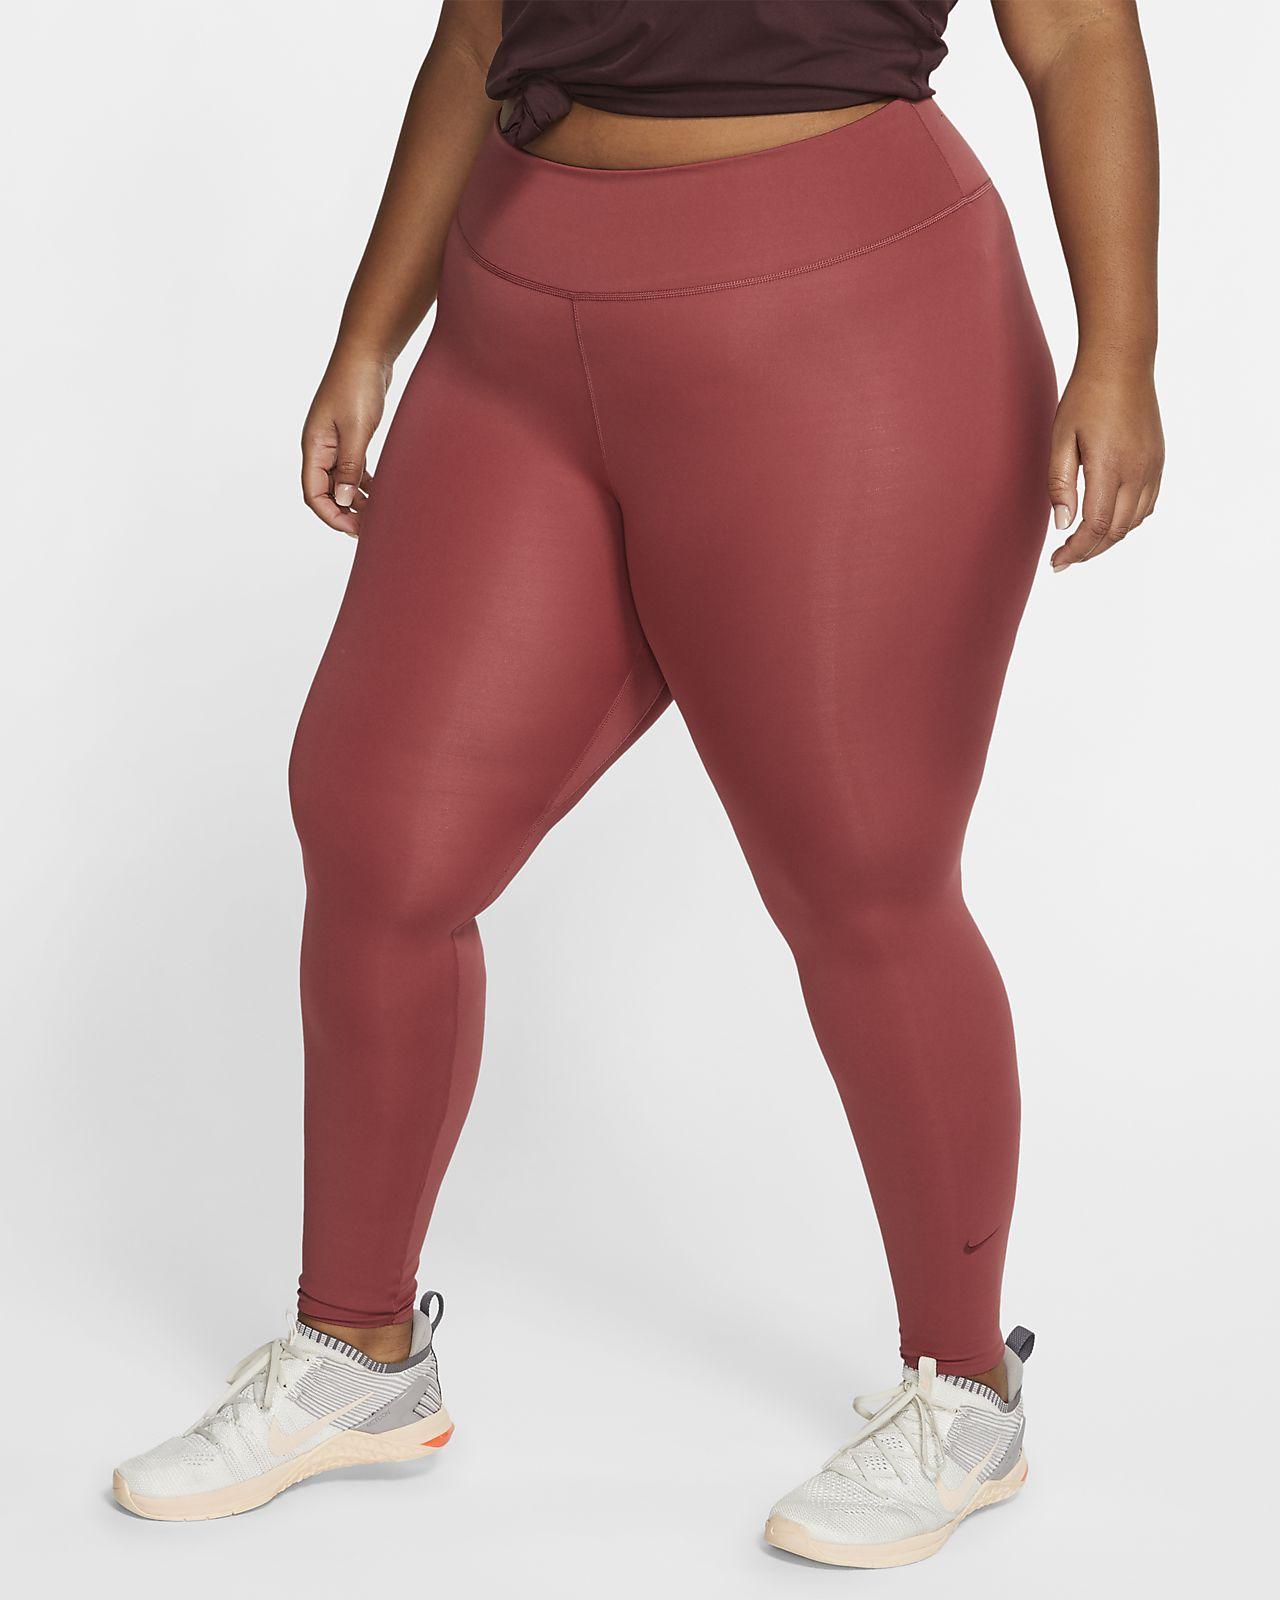 Nike One Luxe Kadın Taytı (Büyük Beden)